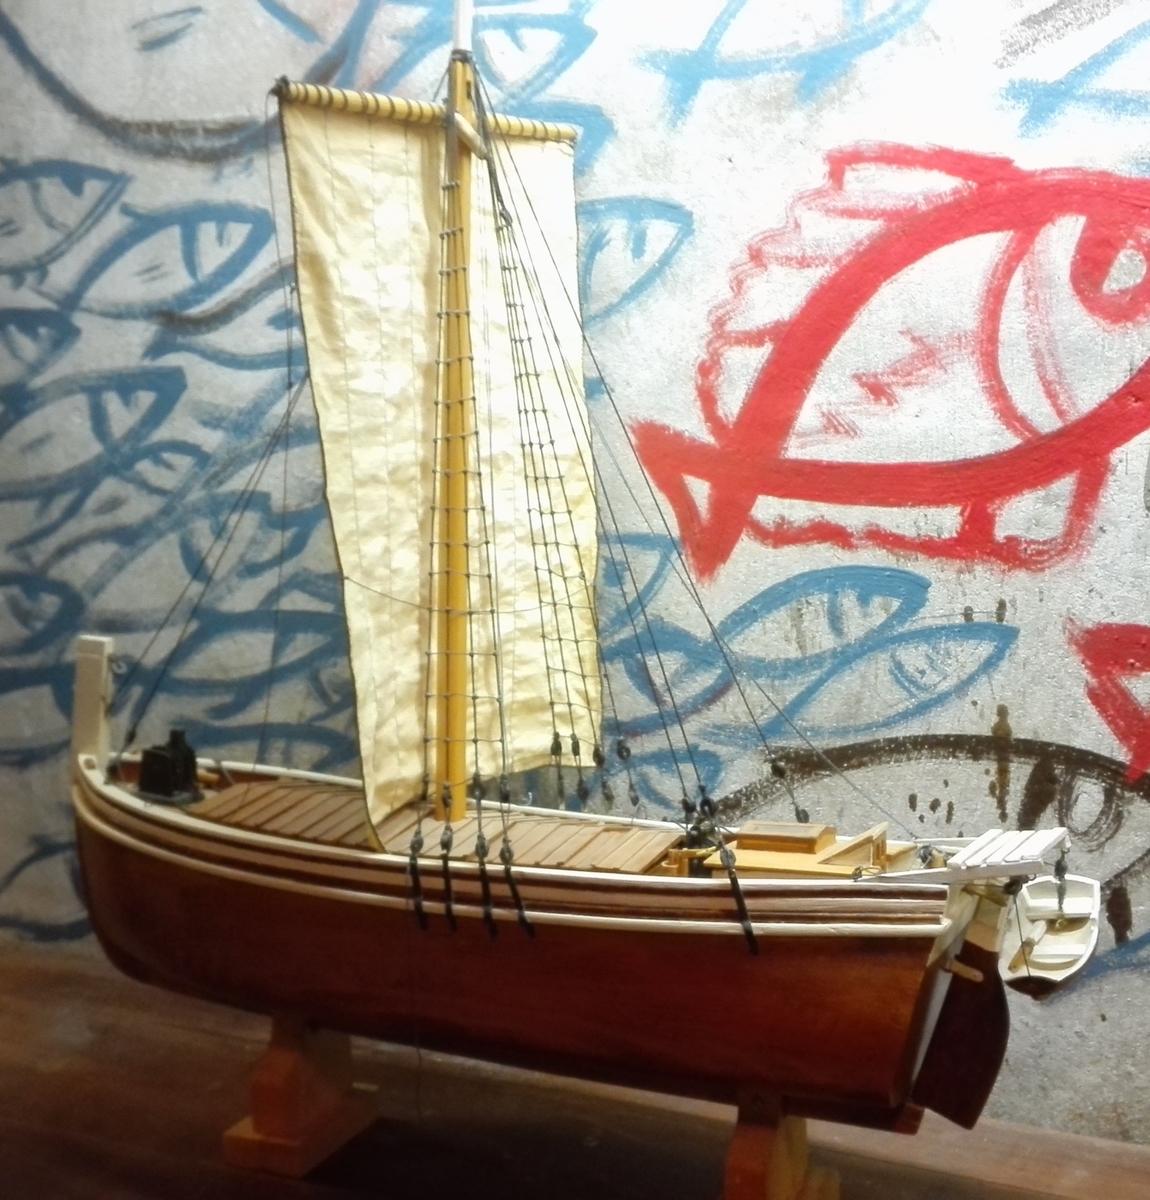 """Forseggjort og detaljrik modell av  jekta """"Sygna"""". Skroget utskore av eit heilt trestykke. Dekk og lasteluke av tynnt tre. Tretak med glasvindauge over kahytt. Kahytten innreidd med bord, og stolar, seng og komfyr. Rigga med  råsegl, og med lettbåt med årar på hekken. Treror og rorkult,  jektepumpe, anker med ankerspel.   I toppen av seglet, blå vimpel med tekst SYGNA"""